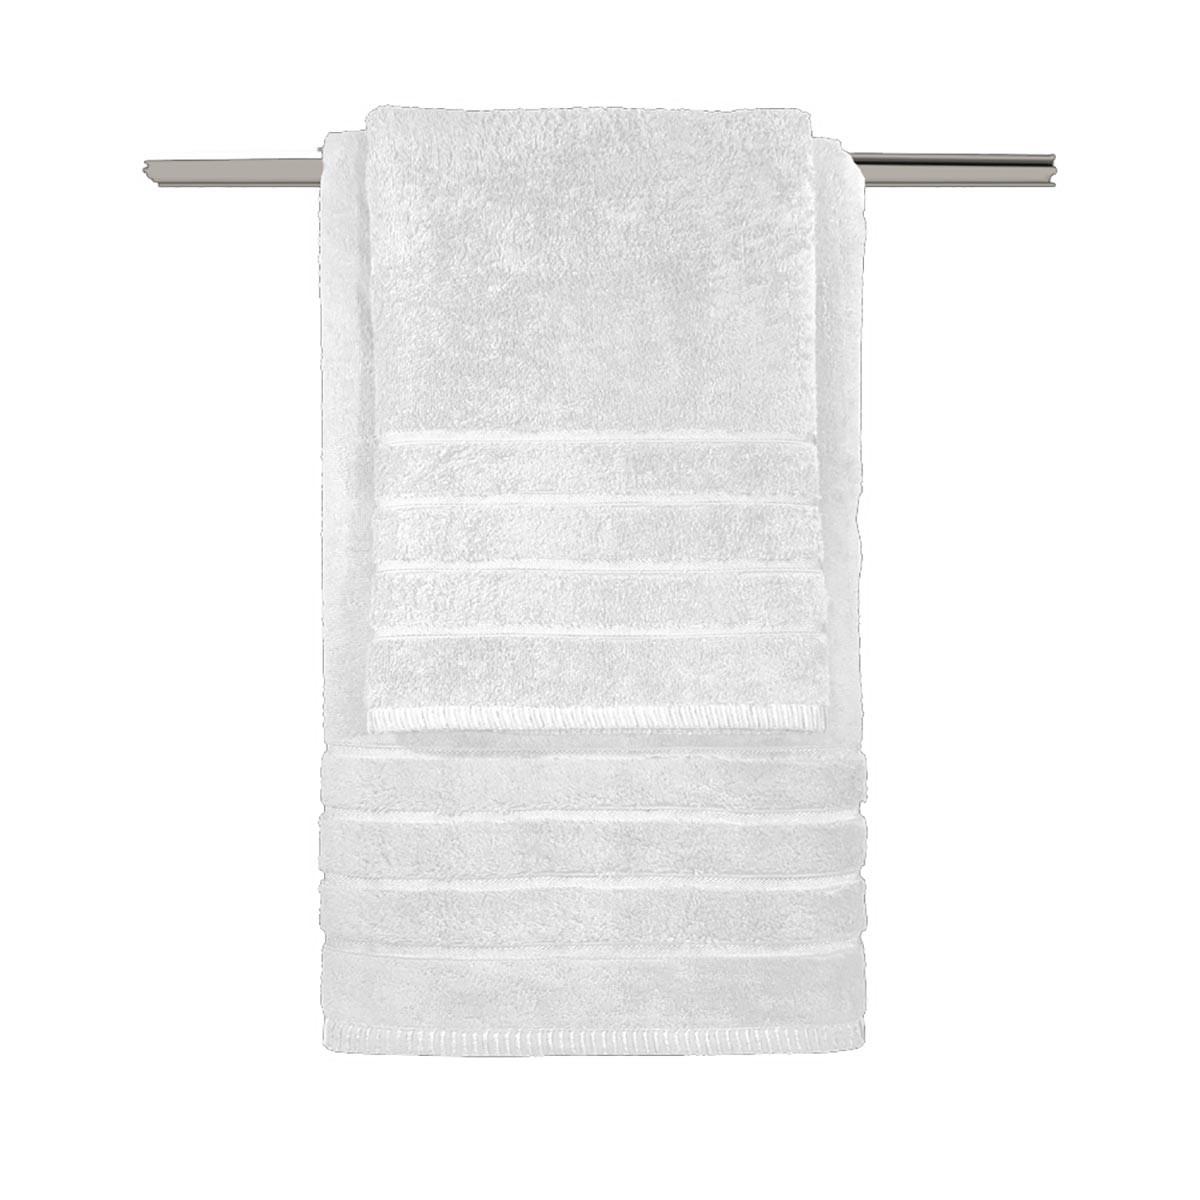 Πετσέτες Μπάνιου (Σετ 3τμχ) Guy Laroche Metzo White